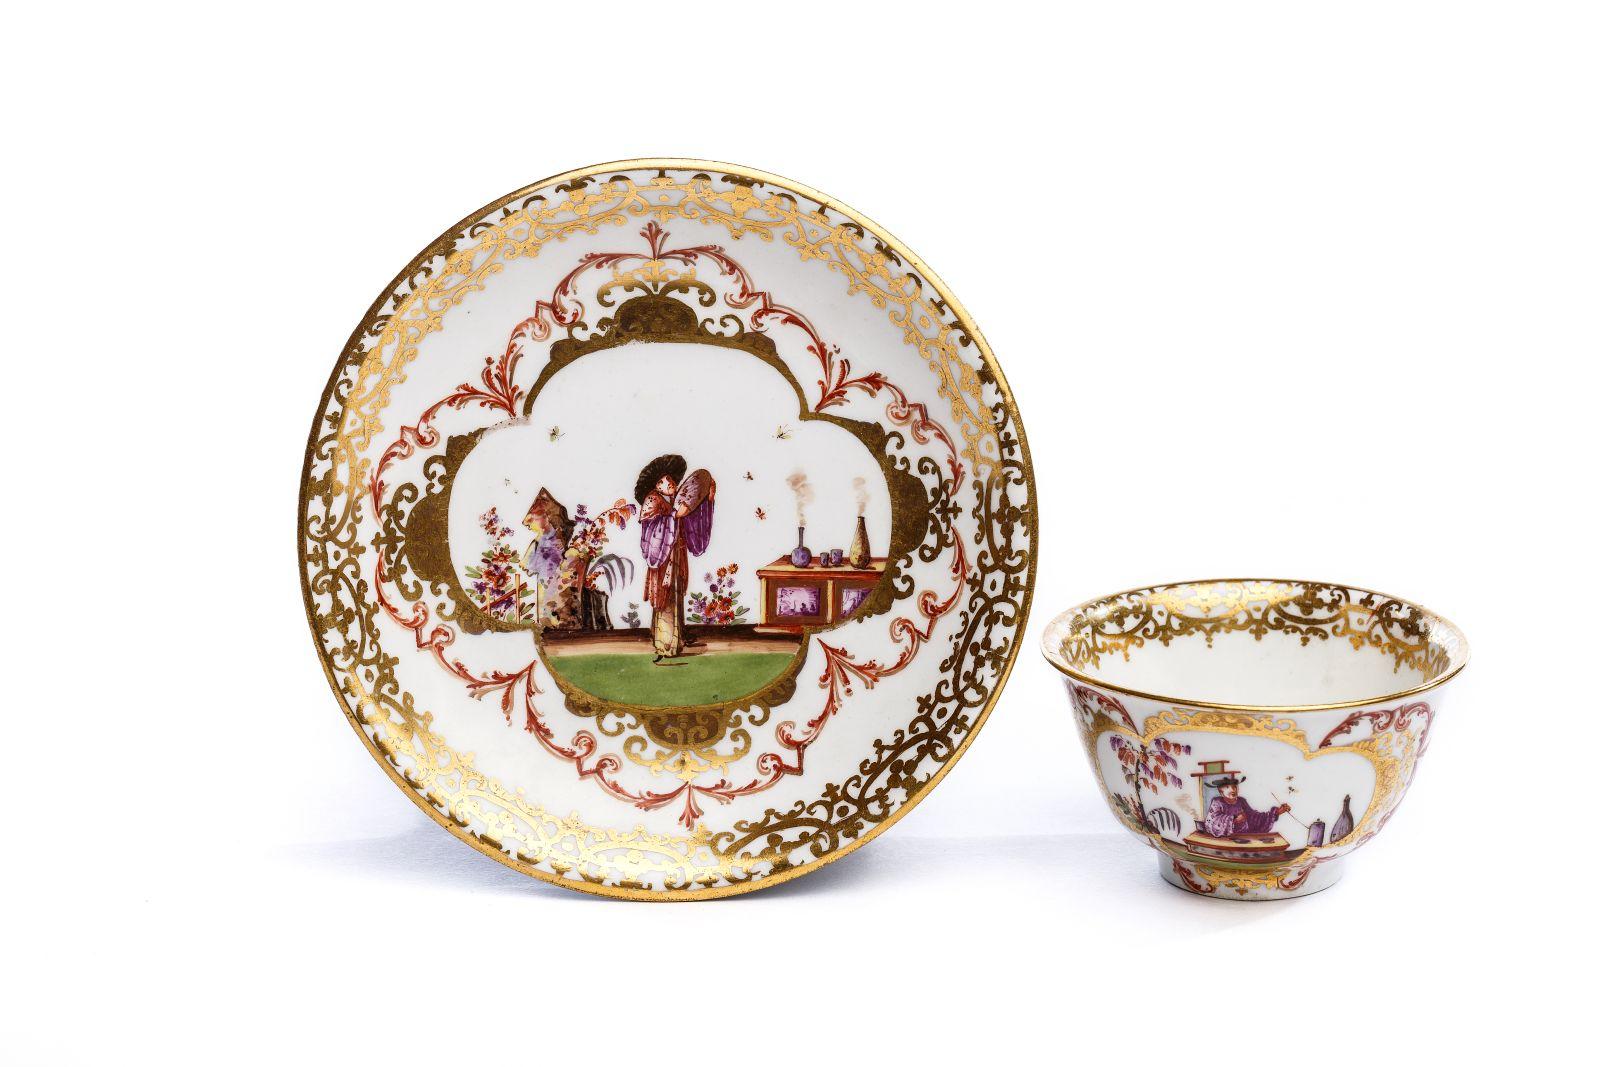 #166 Bowl with Saucer, Meissen 1723/25   Koppchen mit Unterschale, Meissen 1723/25 Image